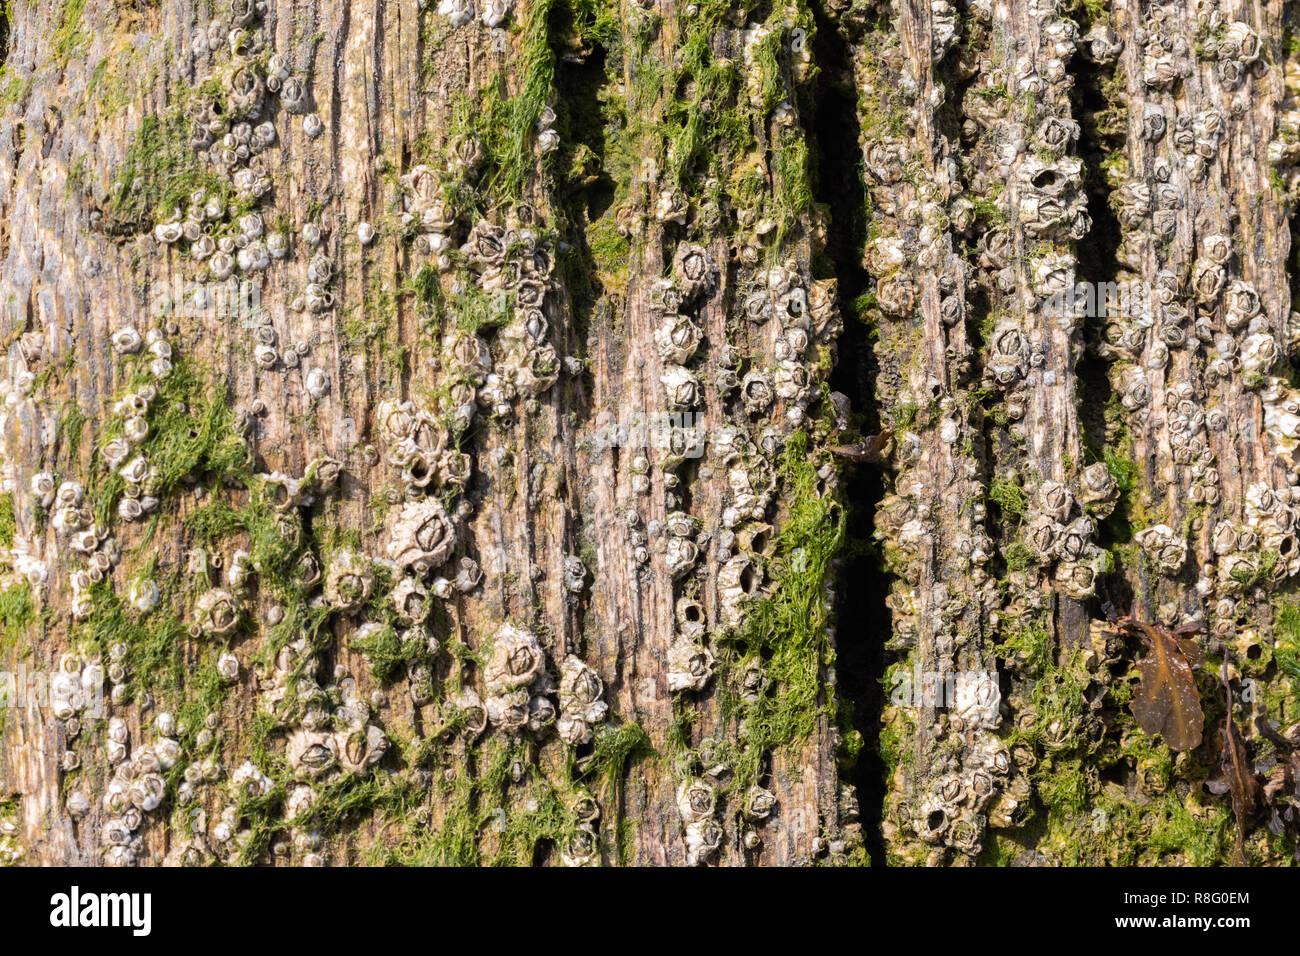 Cerca de las algas que crecen en el groynes de madera en la playa Foto de stock